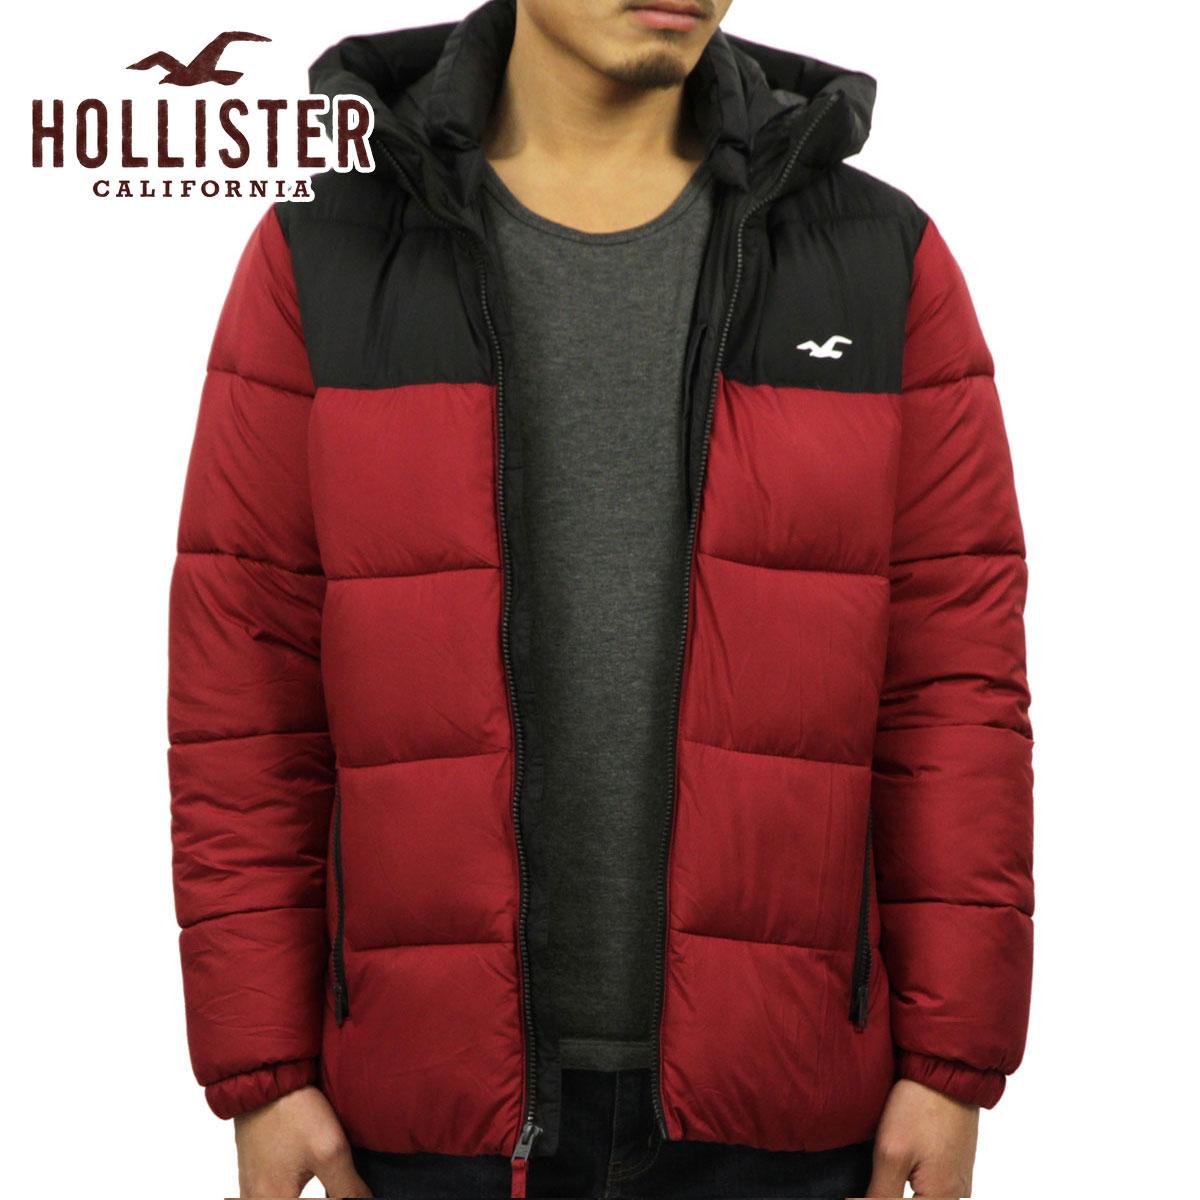 ホリスター HOLLISTER 正規品 メンズ アウター パファージャケット Hooded Puffer Jacket 332-324-0414-500